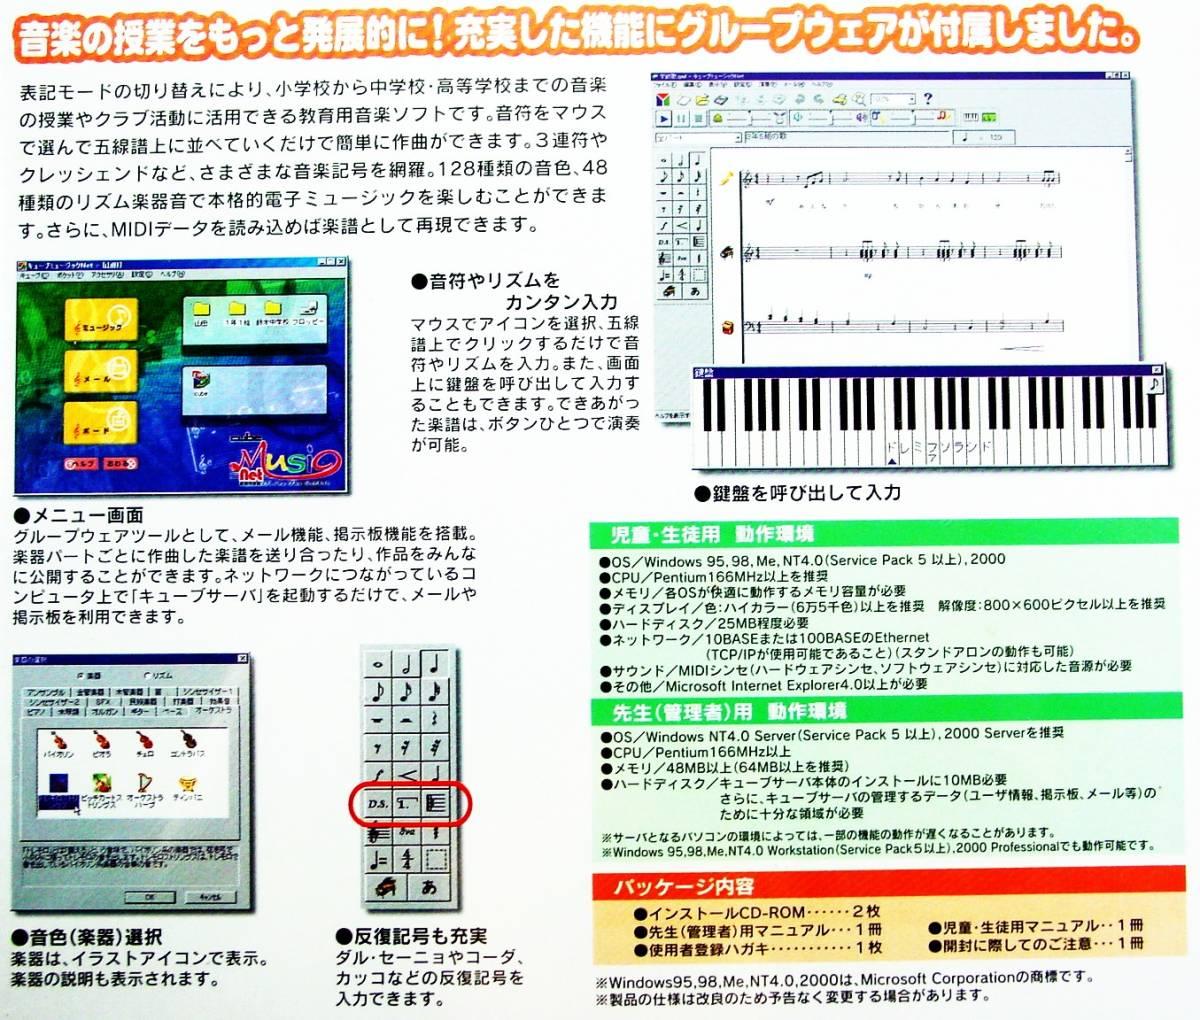 【802】 スズキ教育ソフト Cube Music net 22ライセンス 未開封品 キューブ ミュージック ネット 教育用 音楽 電子 作曲 4988717828222_画像2